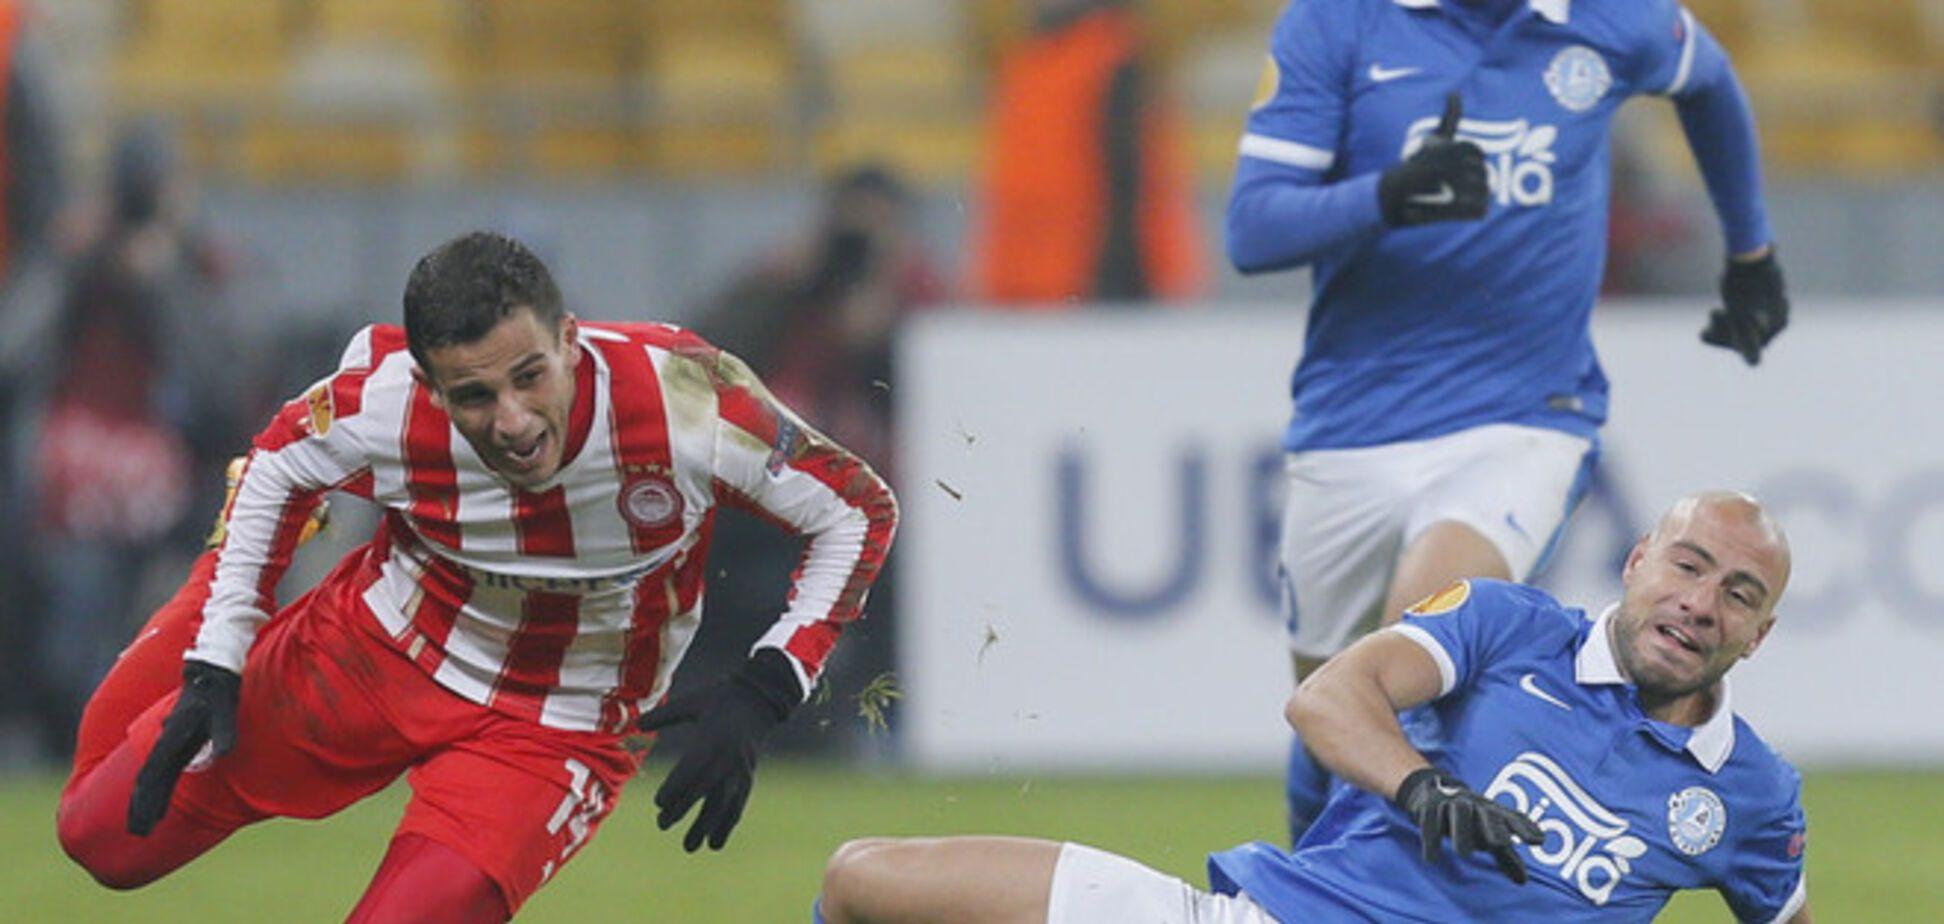 Днепр - Олимпиакос - 2-0: видео-обзор матча